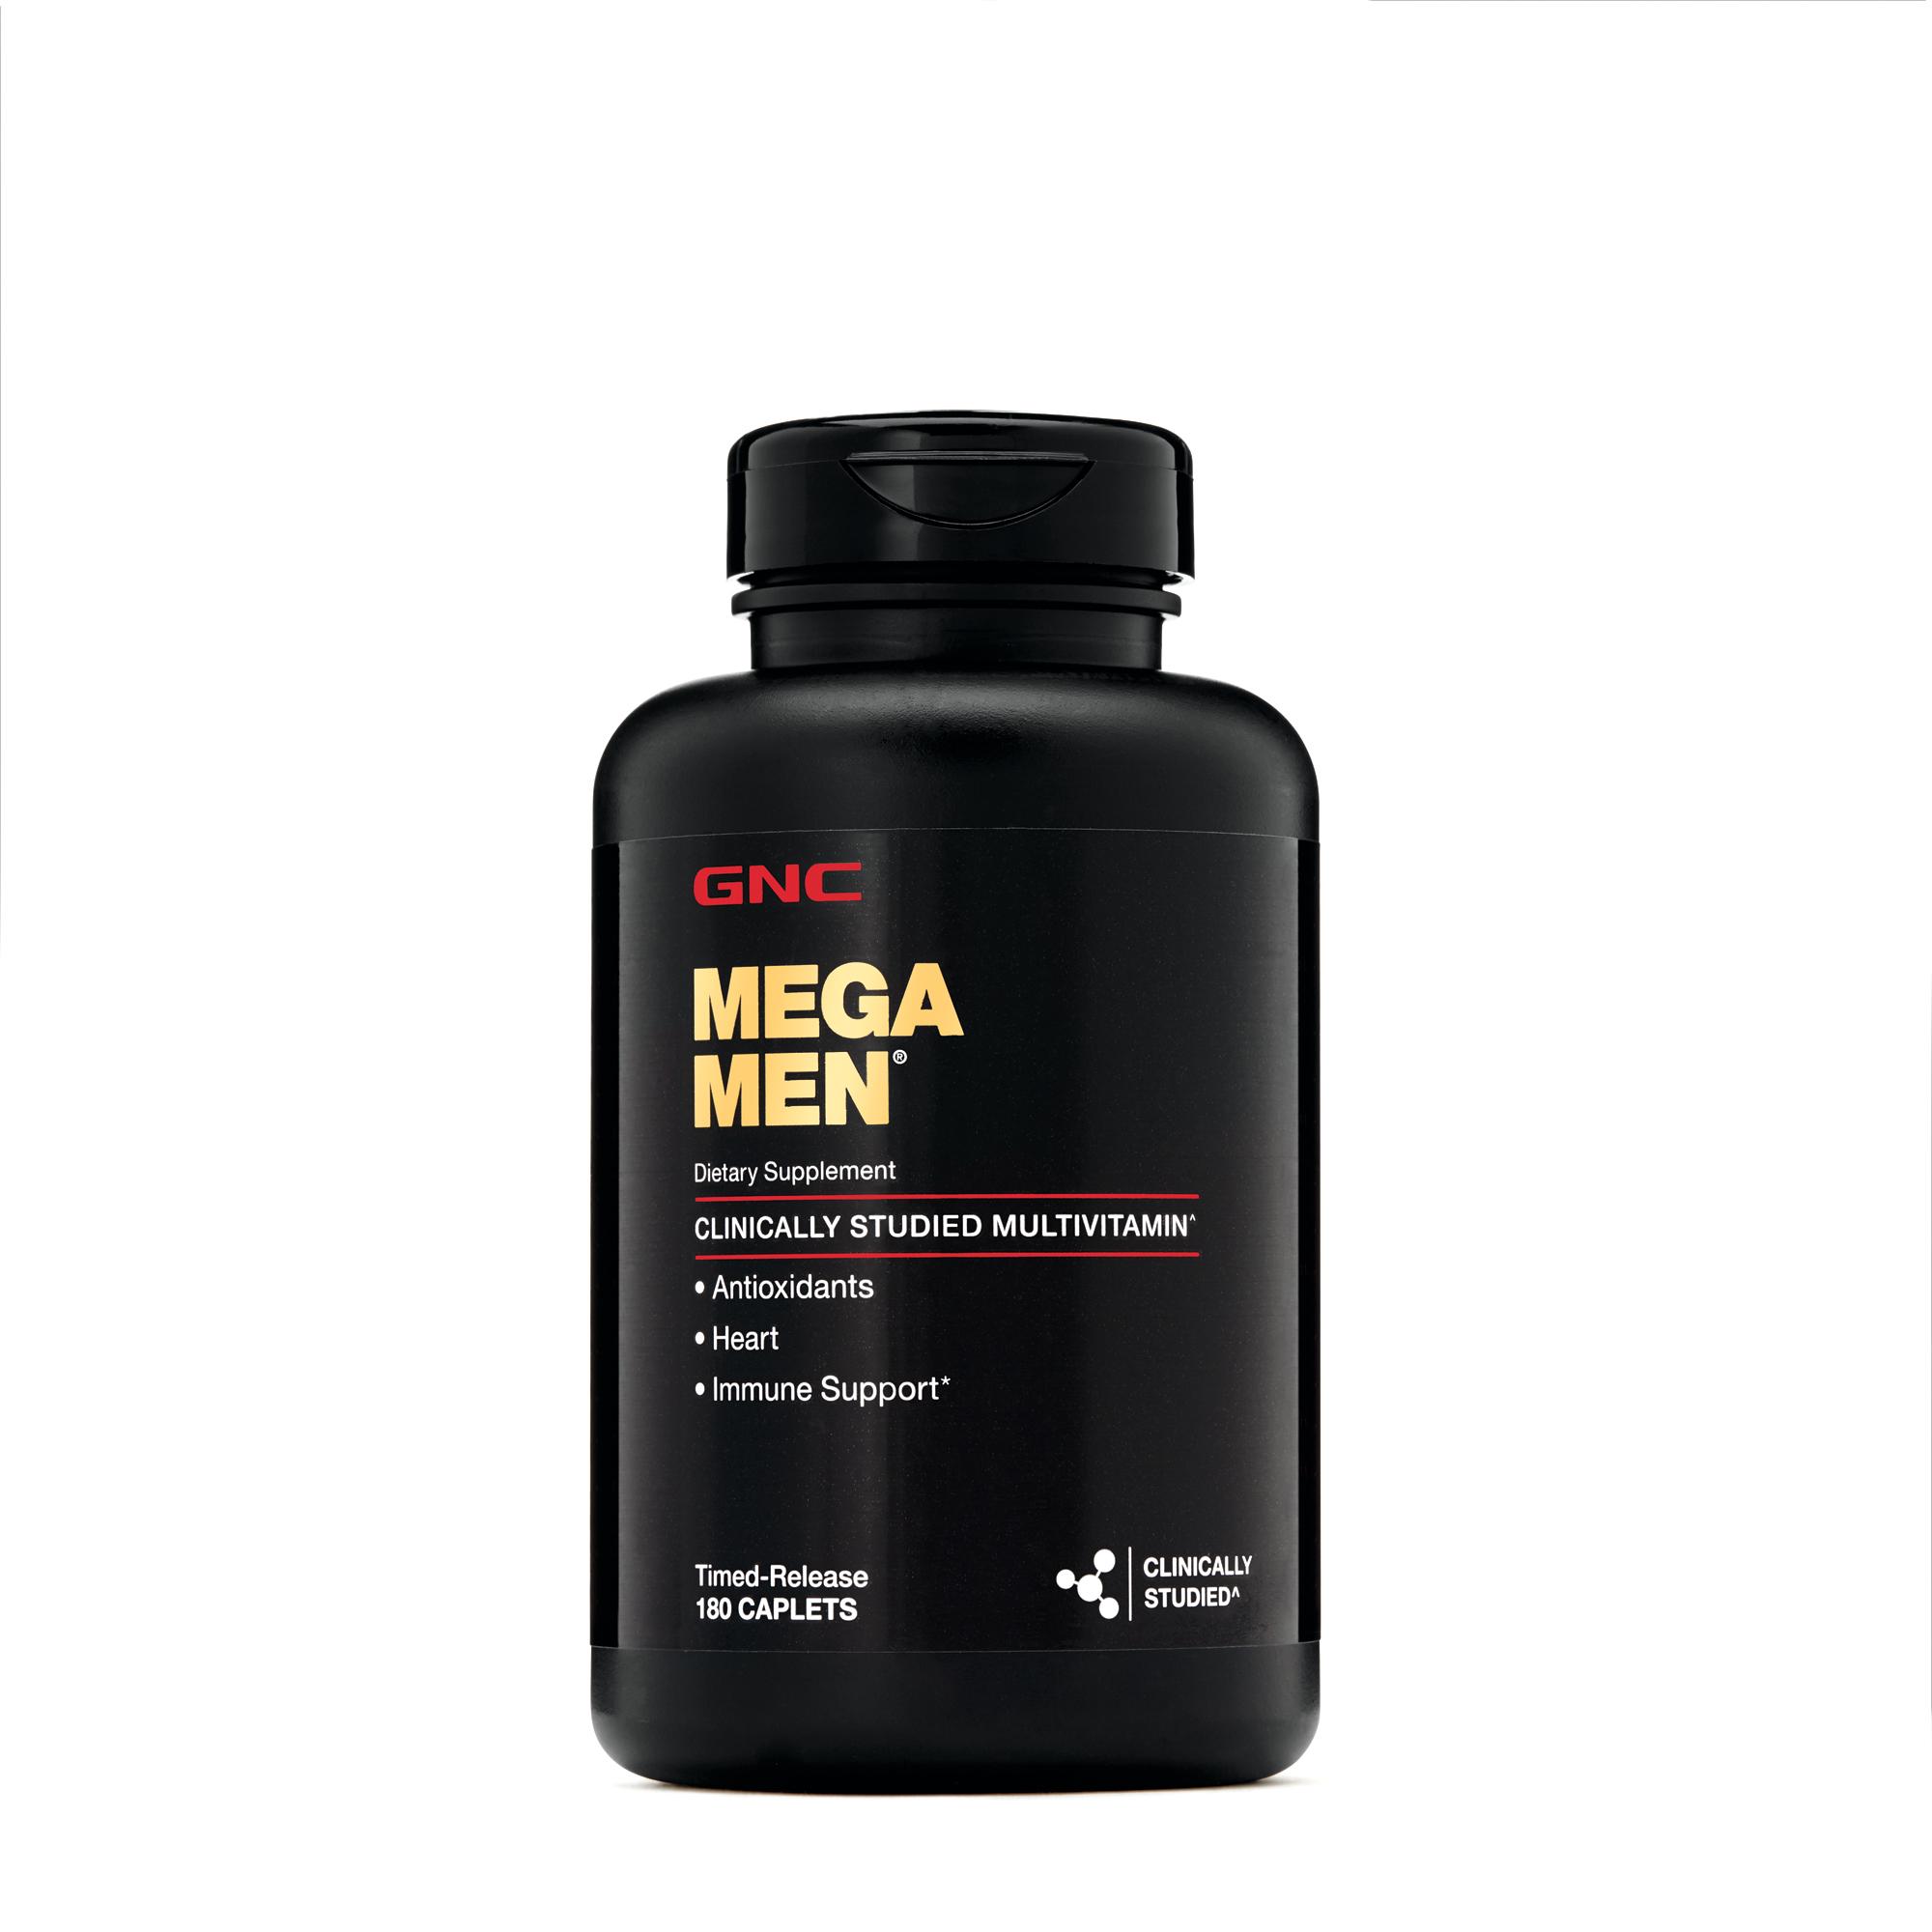 GNC Mega Men® Multi